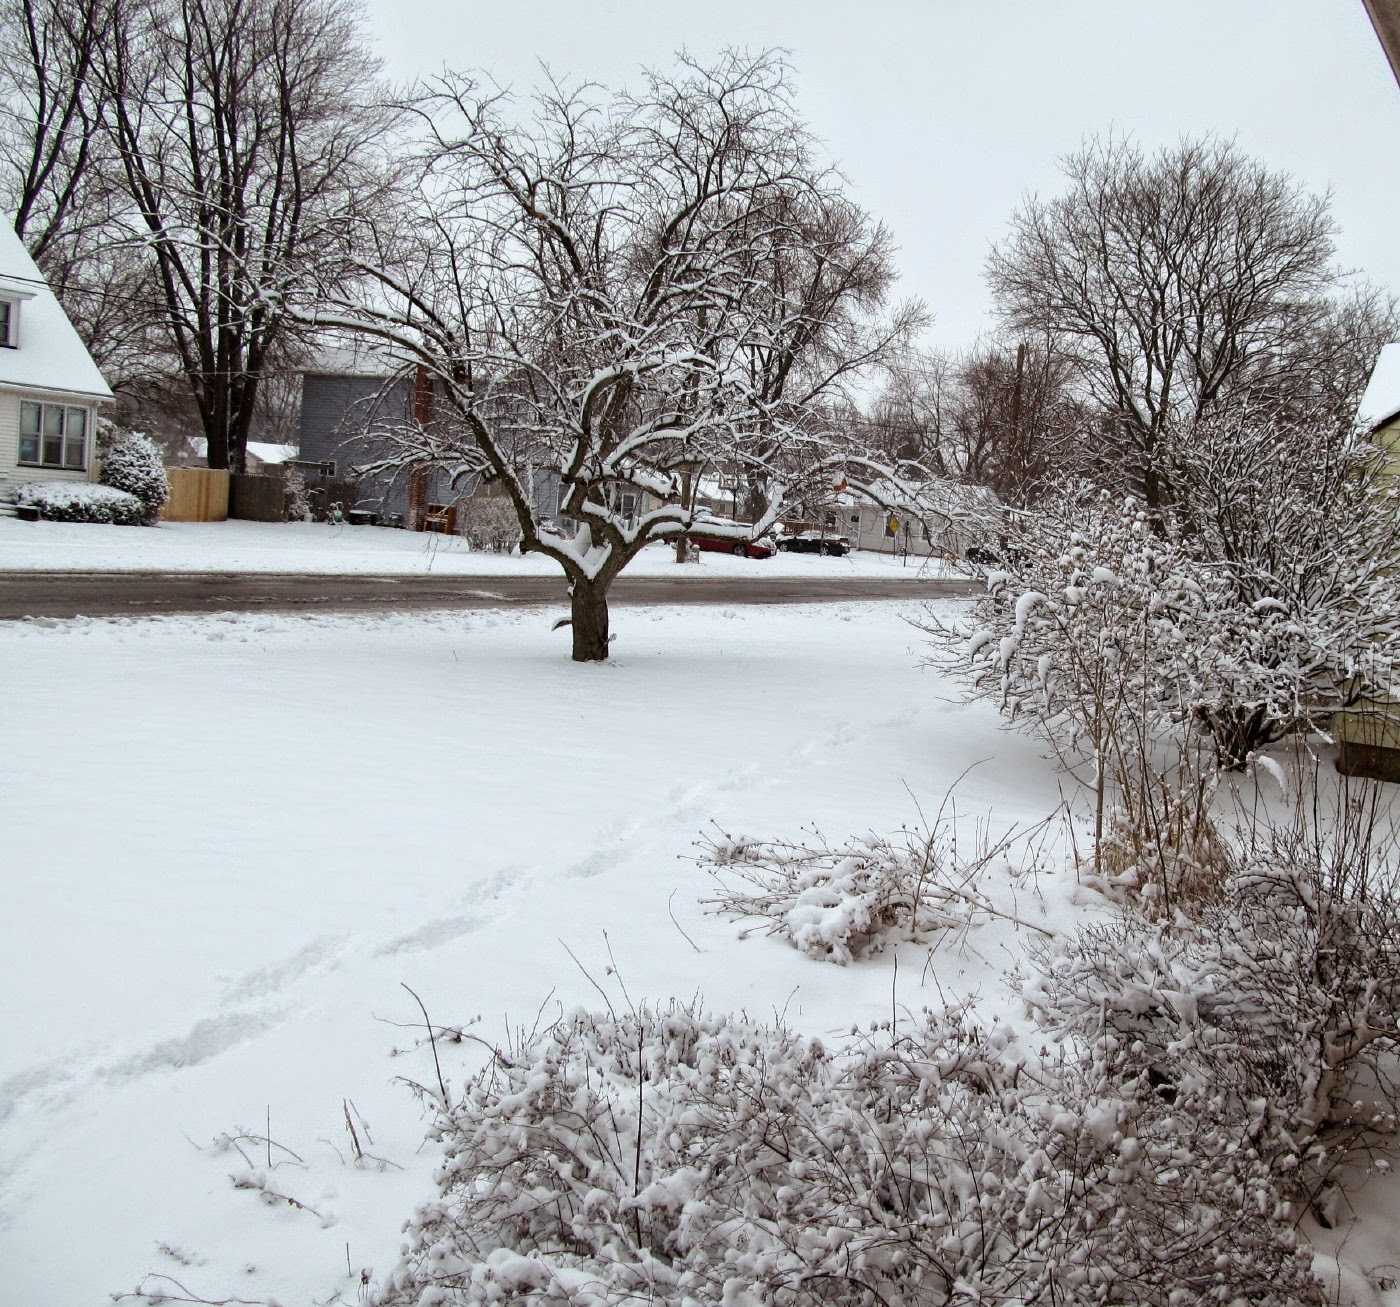 http://1.bp.blogspot.com/-IGNOpsIGBkA/VRDdzQt9l1I/AAAAAAAAZHk/hAu4UDDtt4c/s1600/winter%2Bin%2BMarch.jpg